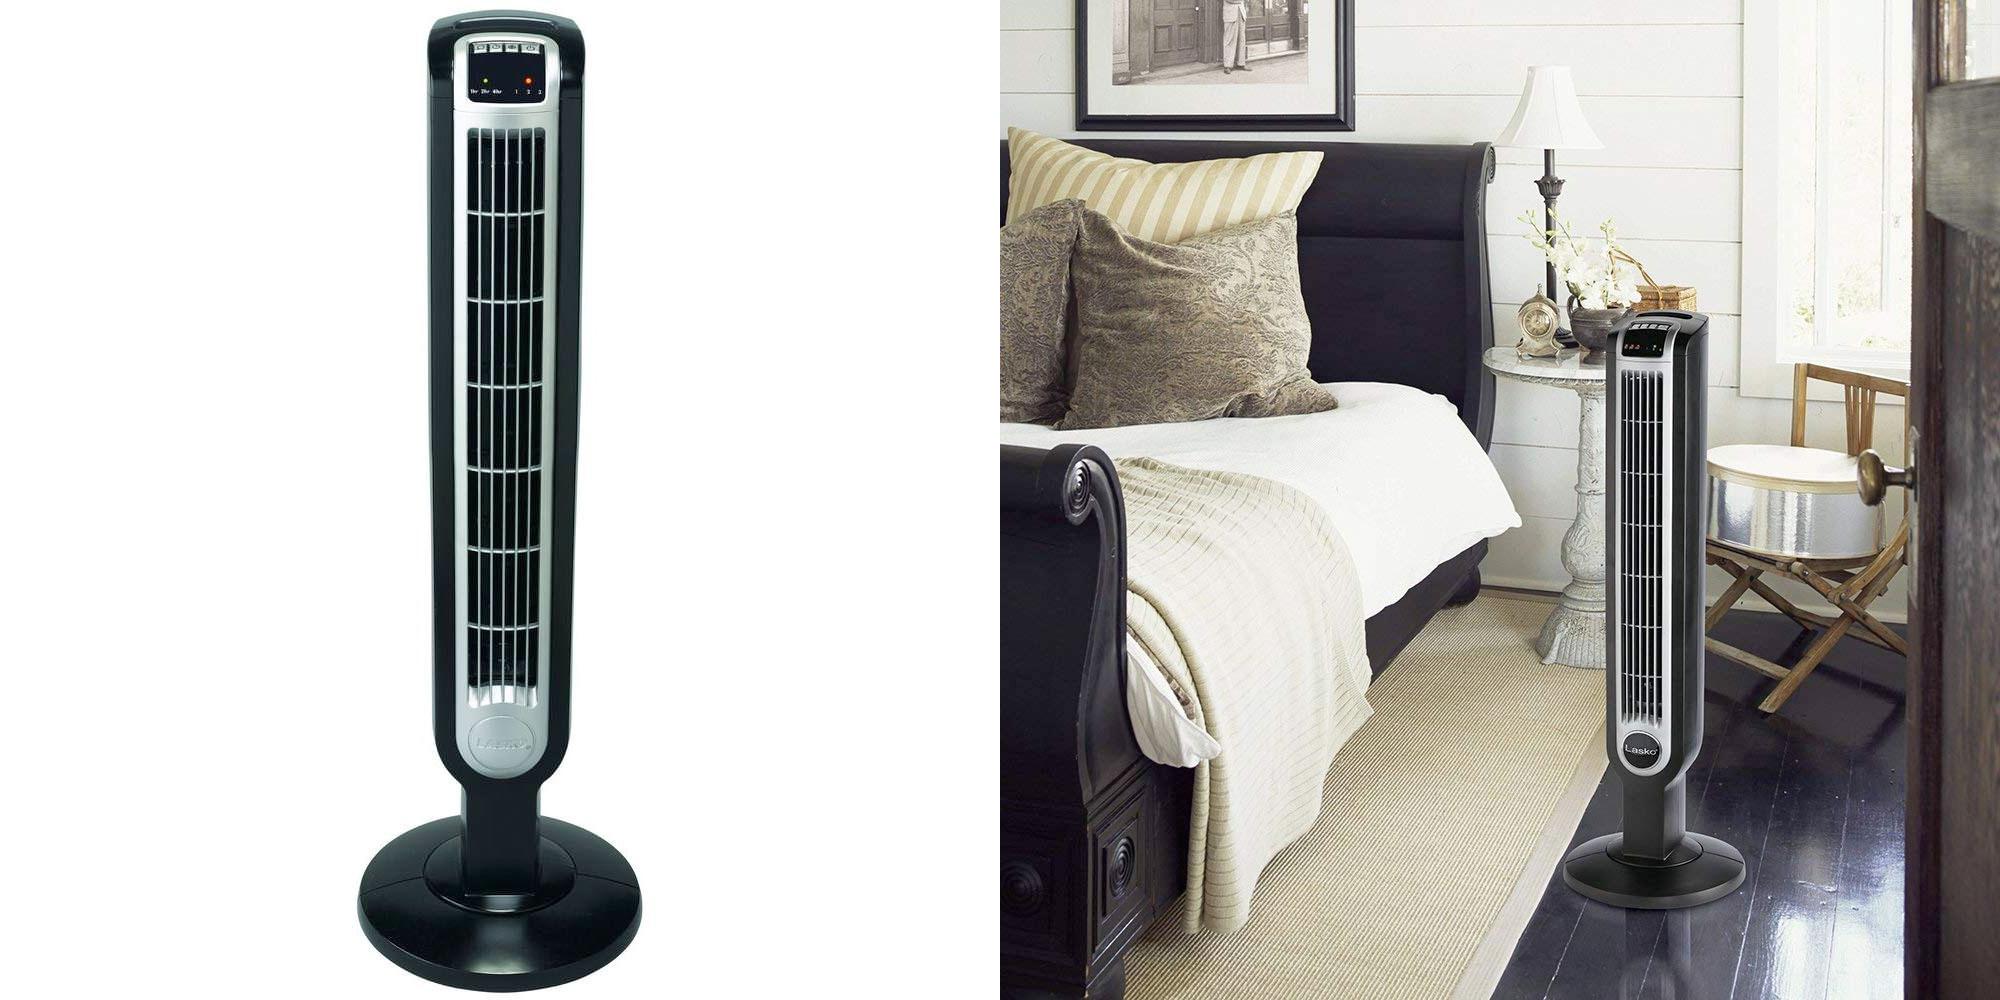 Enjoy better airflow w/ Lasko's #1 best-selling 36-inch tower fan at $29 shipped (Reg. $40+)